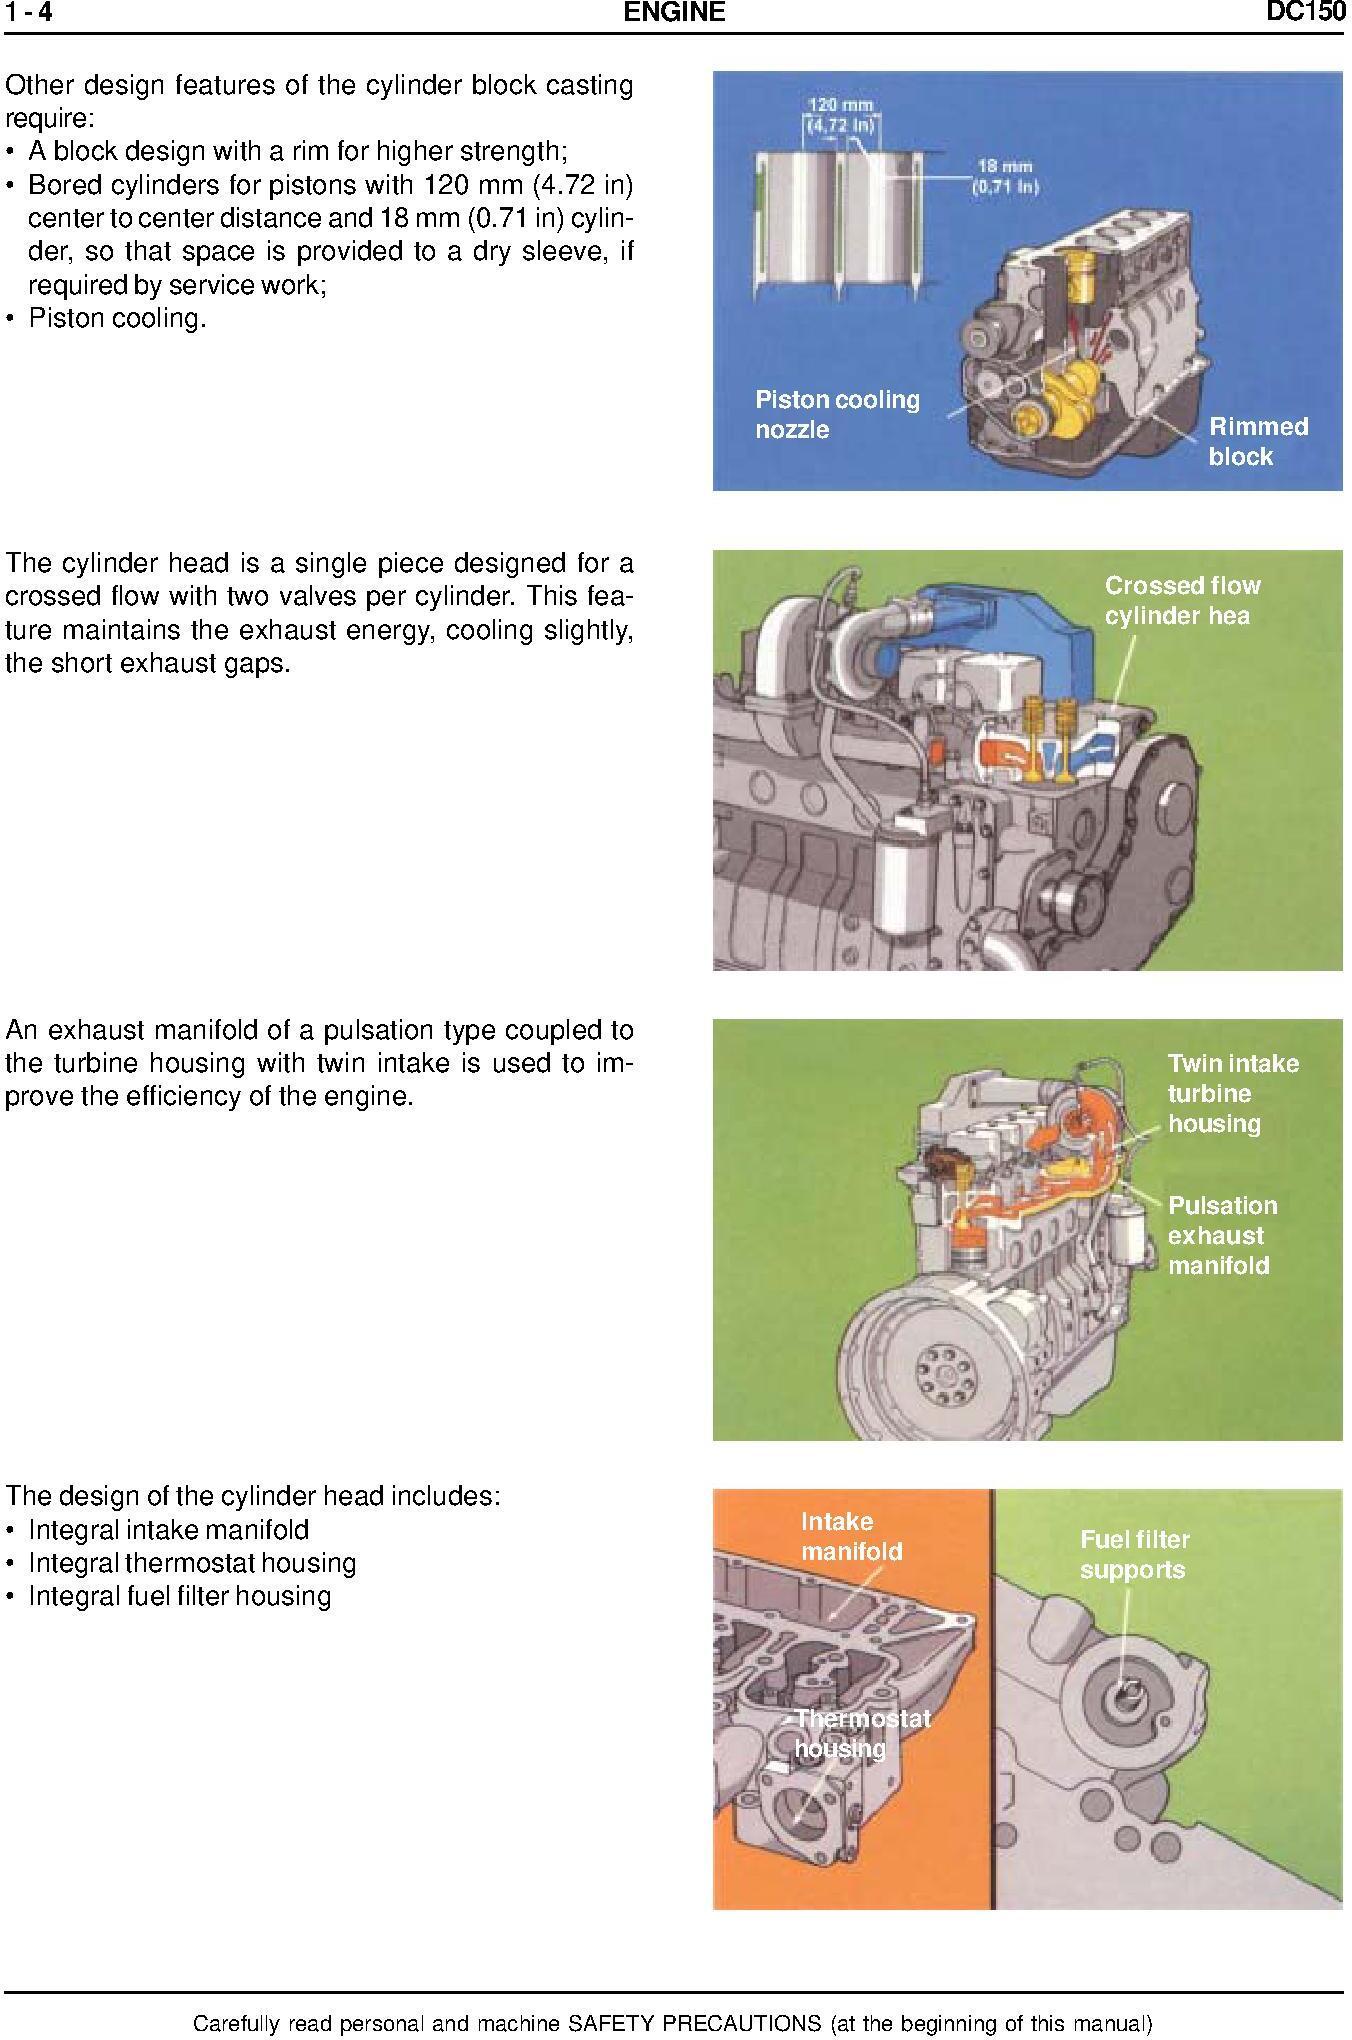 New Holland DC150, DC150LGP Crawler Dozer Service Manual - 2